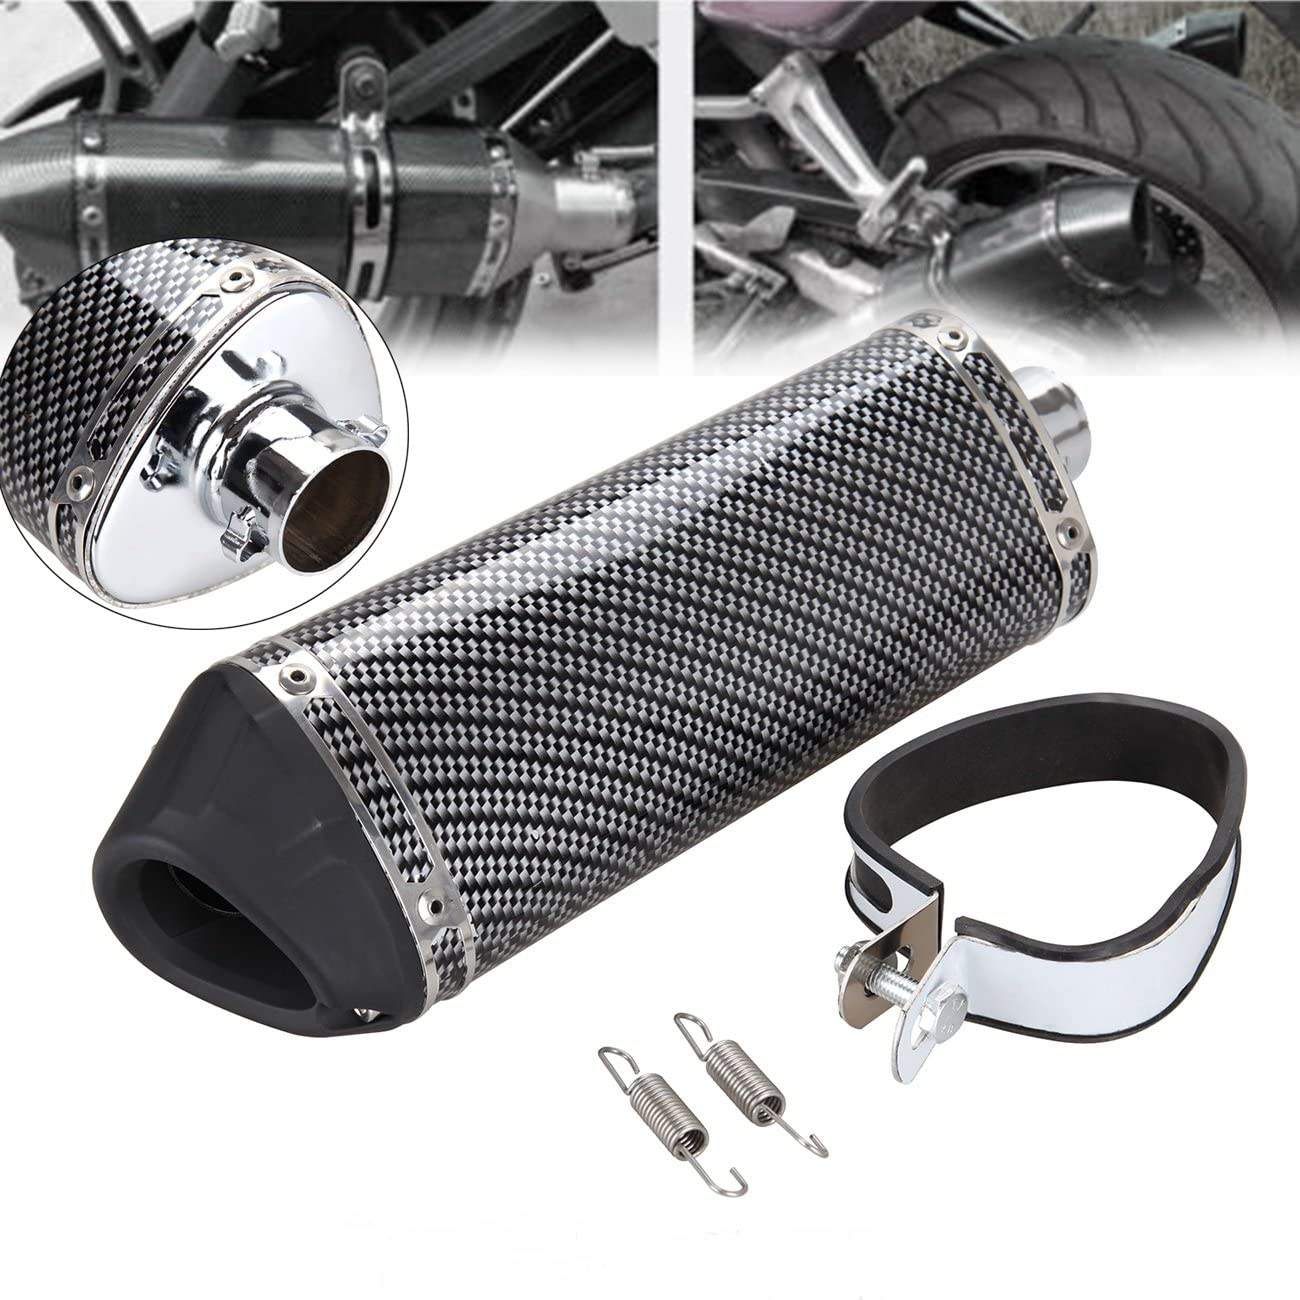 Ridgeyard Universal Kohlefaser Motorrad Auspuff Schalldämpfer Rohr Schalldämpfer Db Killer 38mm Auto